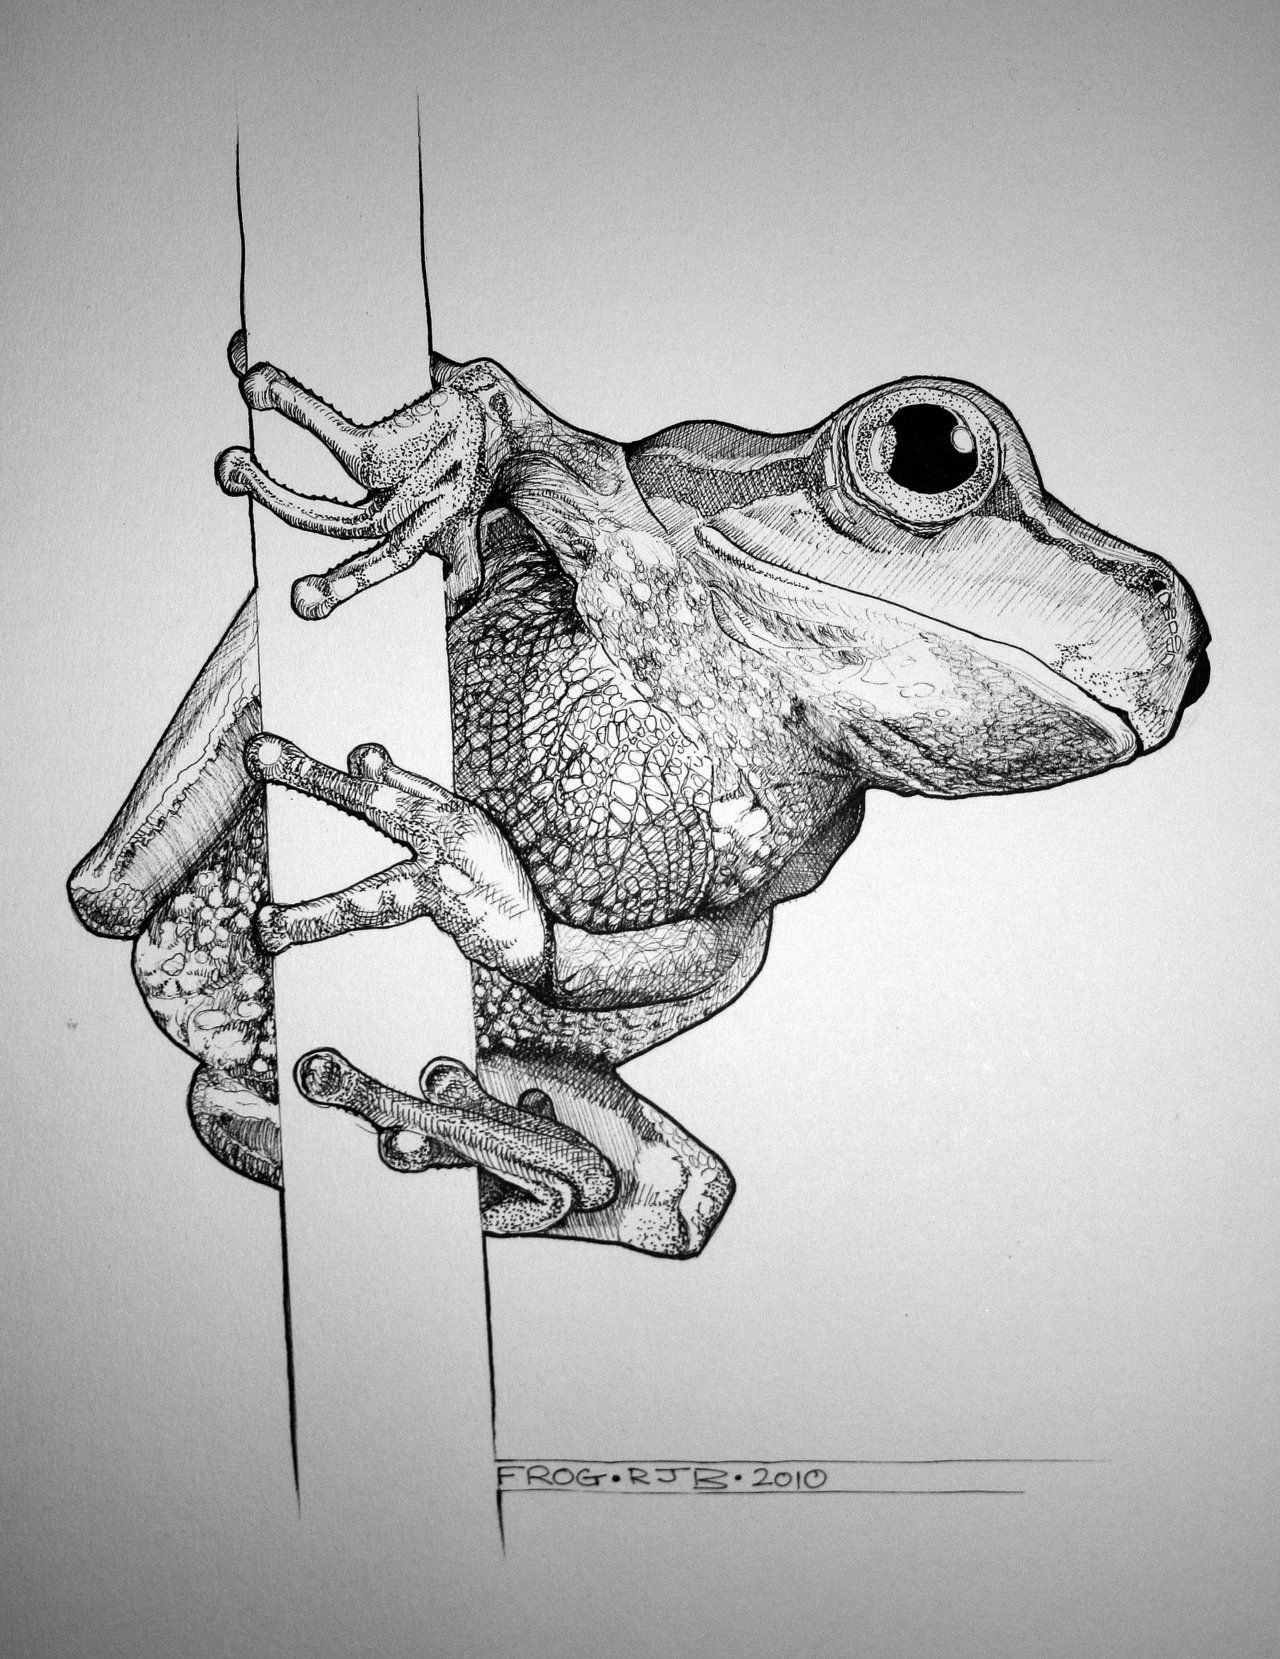 Frog pen and ink by rojobe.deviantart.com on @deviantART | nanquim ...